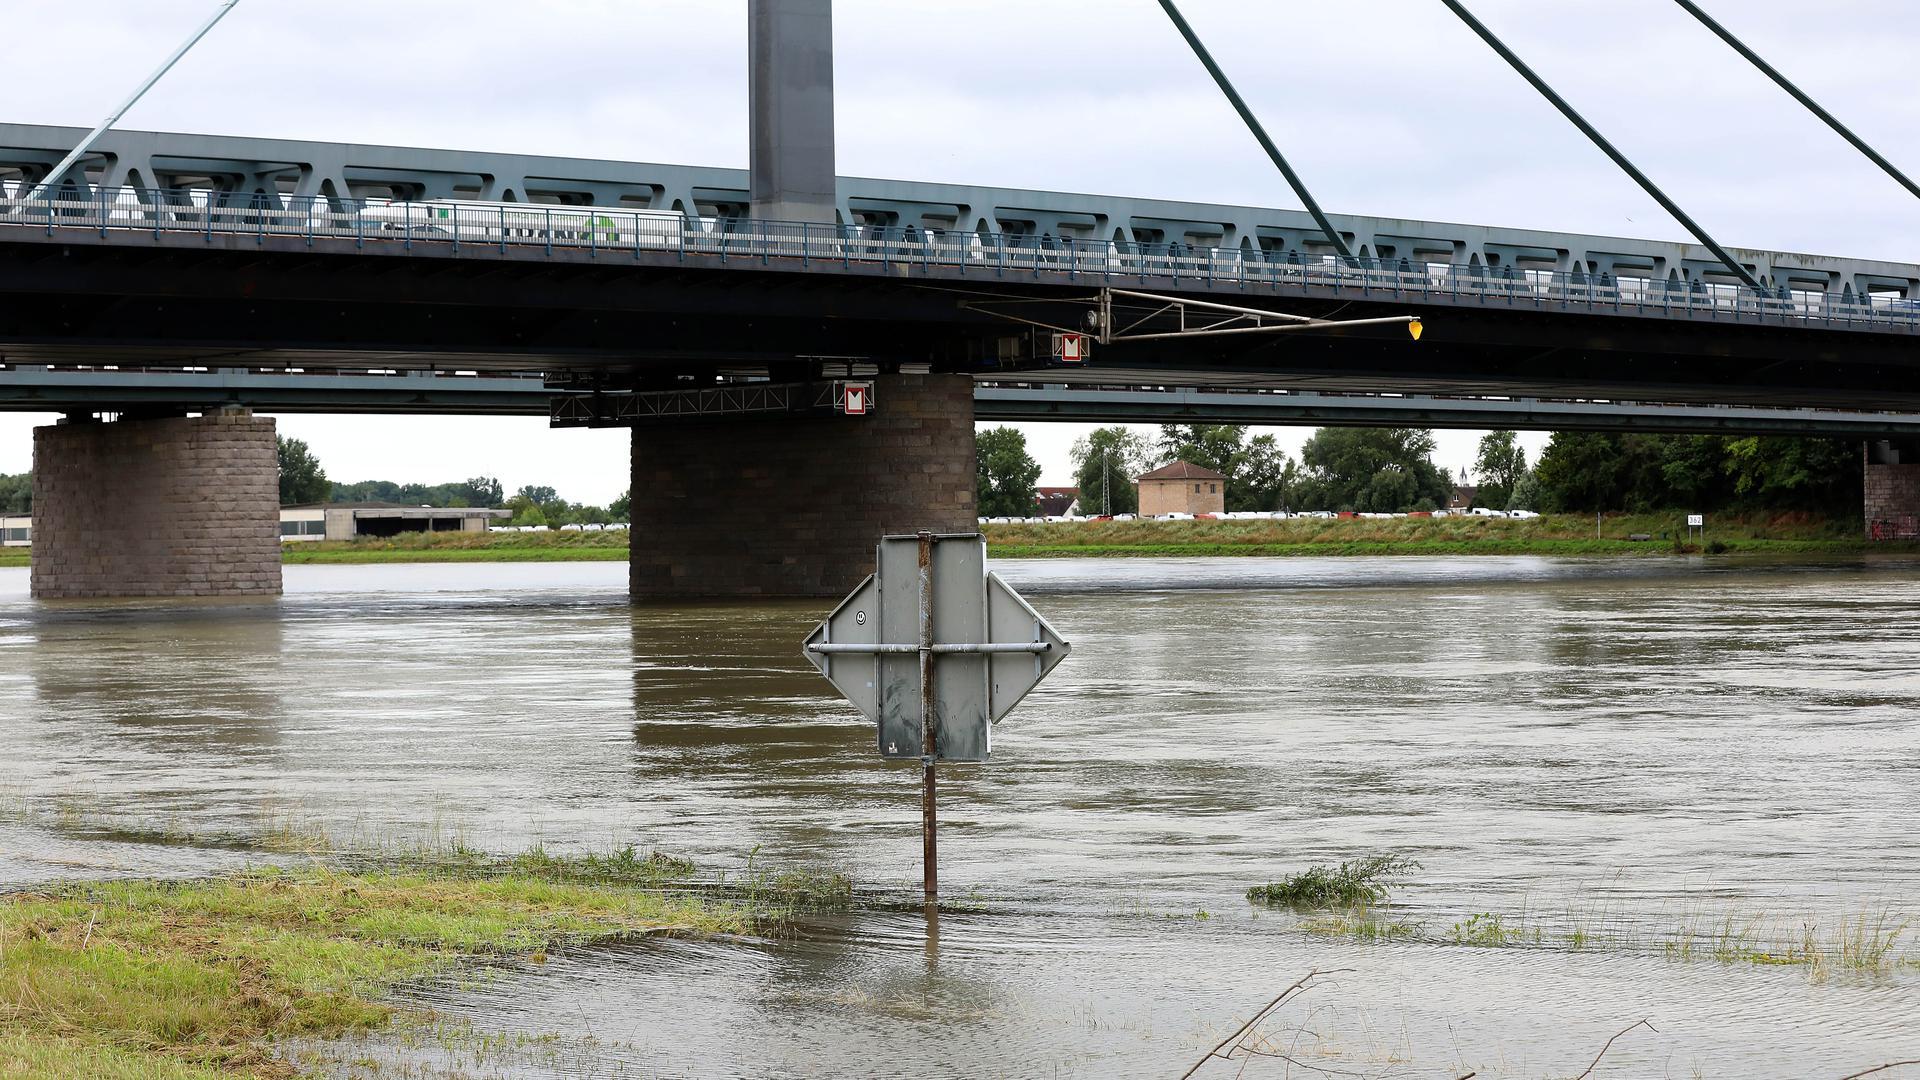 Hochwasseralarm bei Maxau am Rhein: In der Nacht auf Mittwoch soll der Pegel von 7,50 Metern überschritten werden. Deswegen bereitet sich der Karlsruher Hafen darauf vor, sein Sperrtor zu schließen.